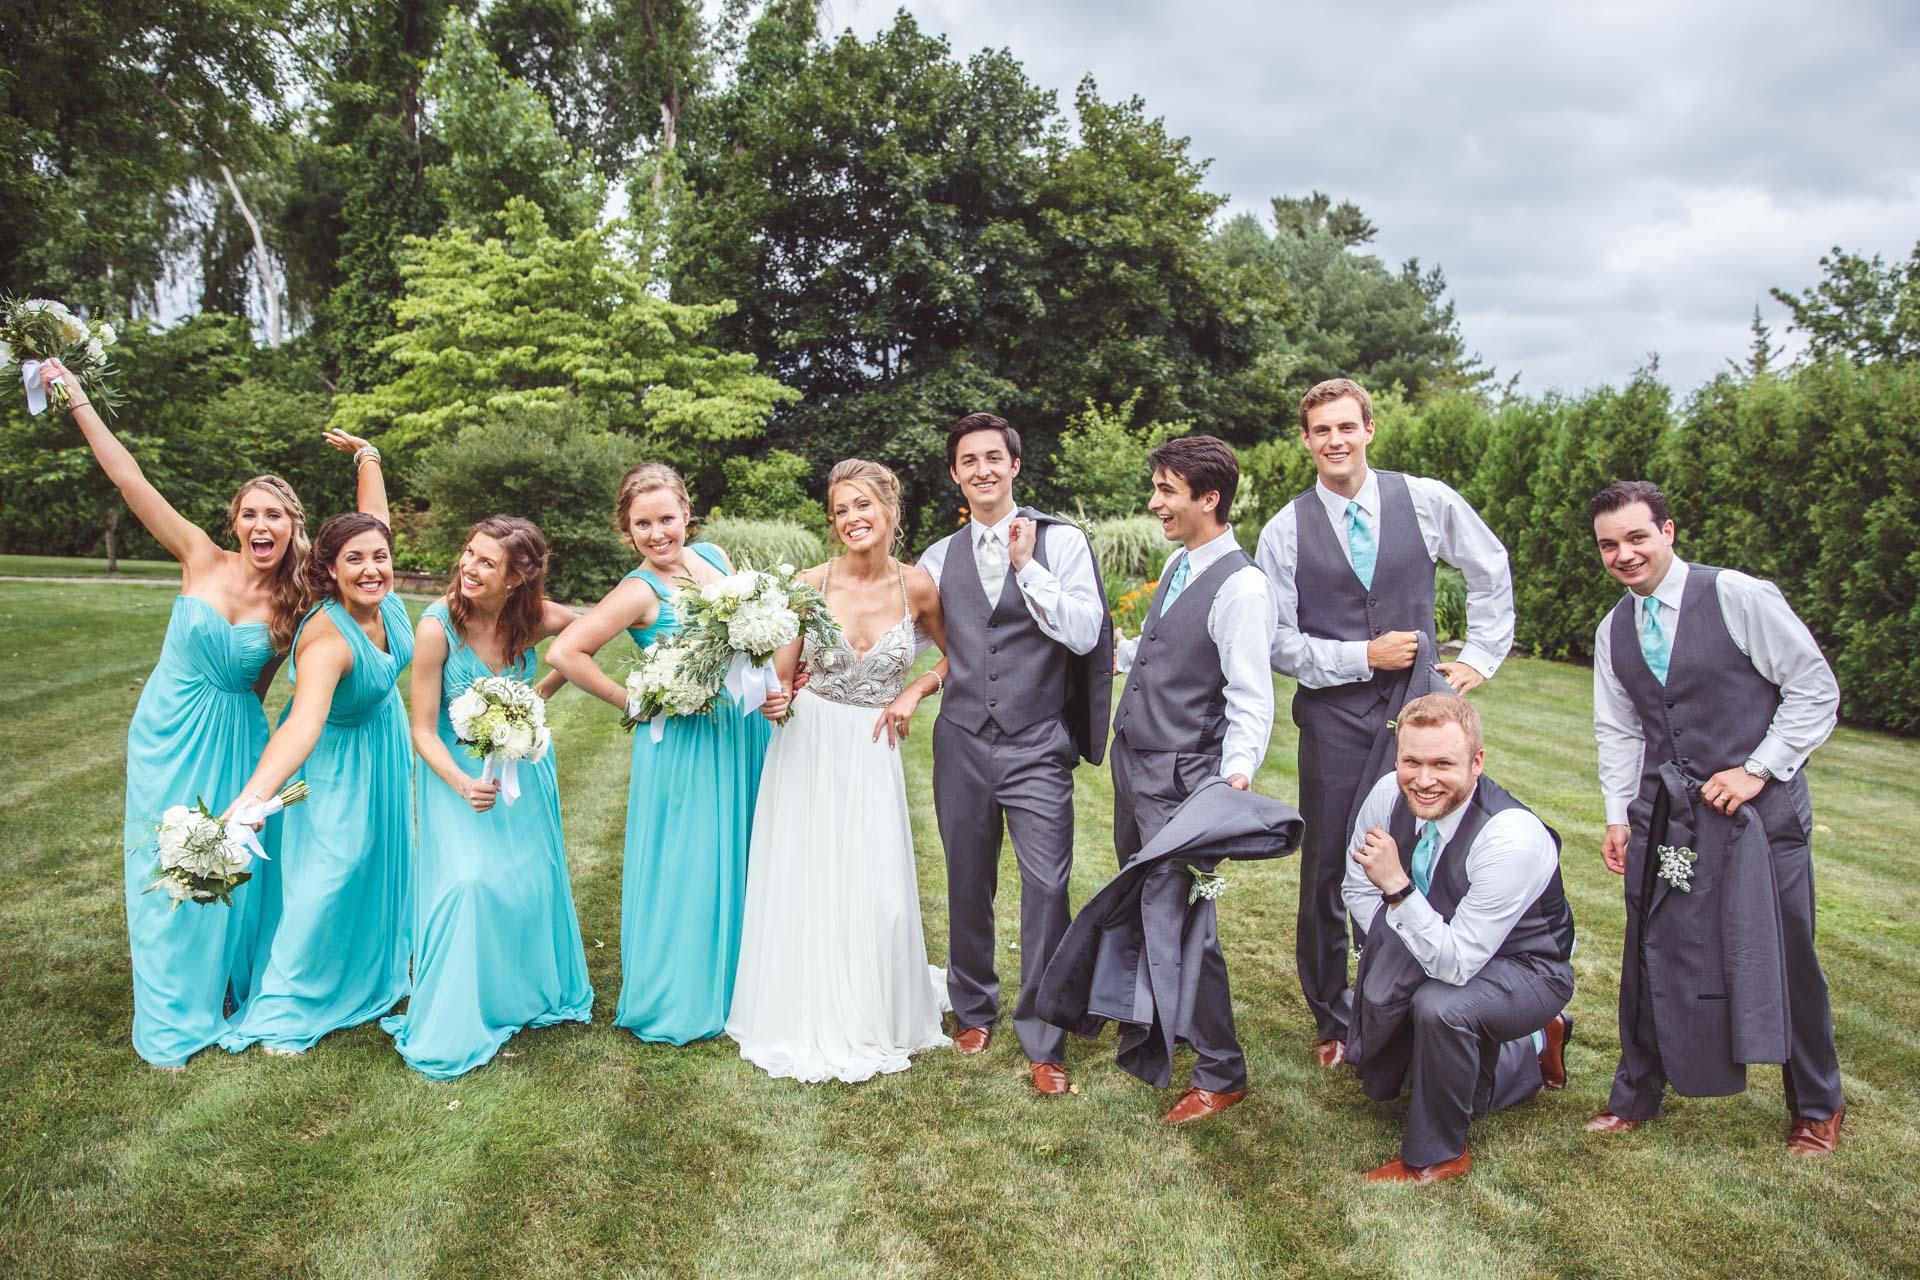 Farmington-Gardens-Wedding-Photos+(37+of+66).jpg